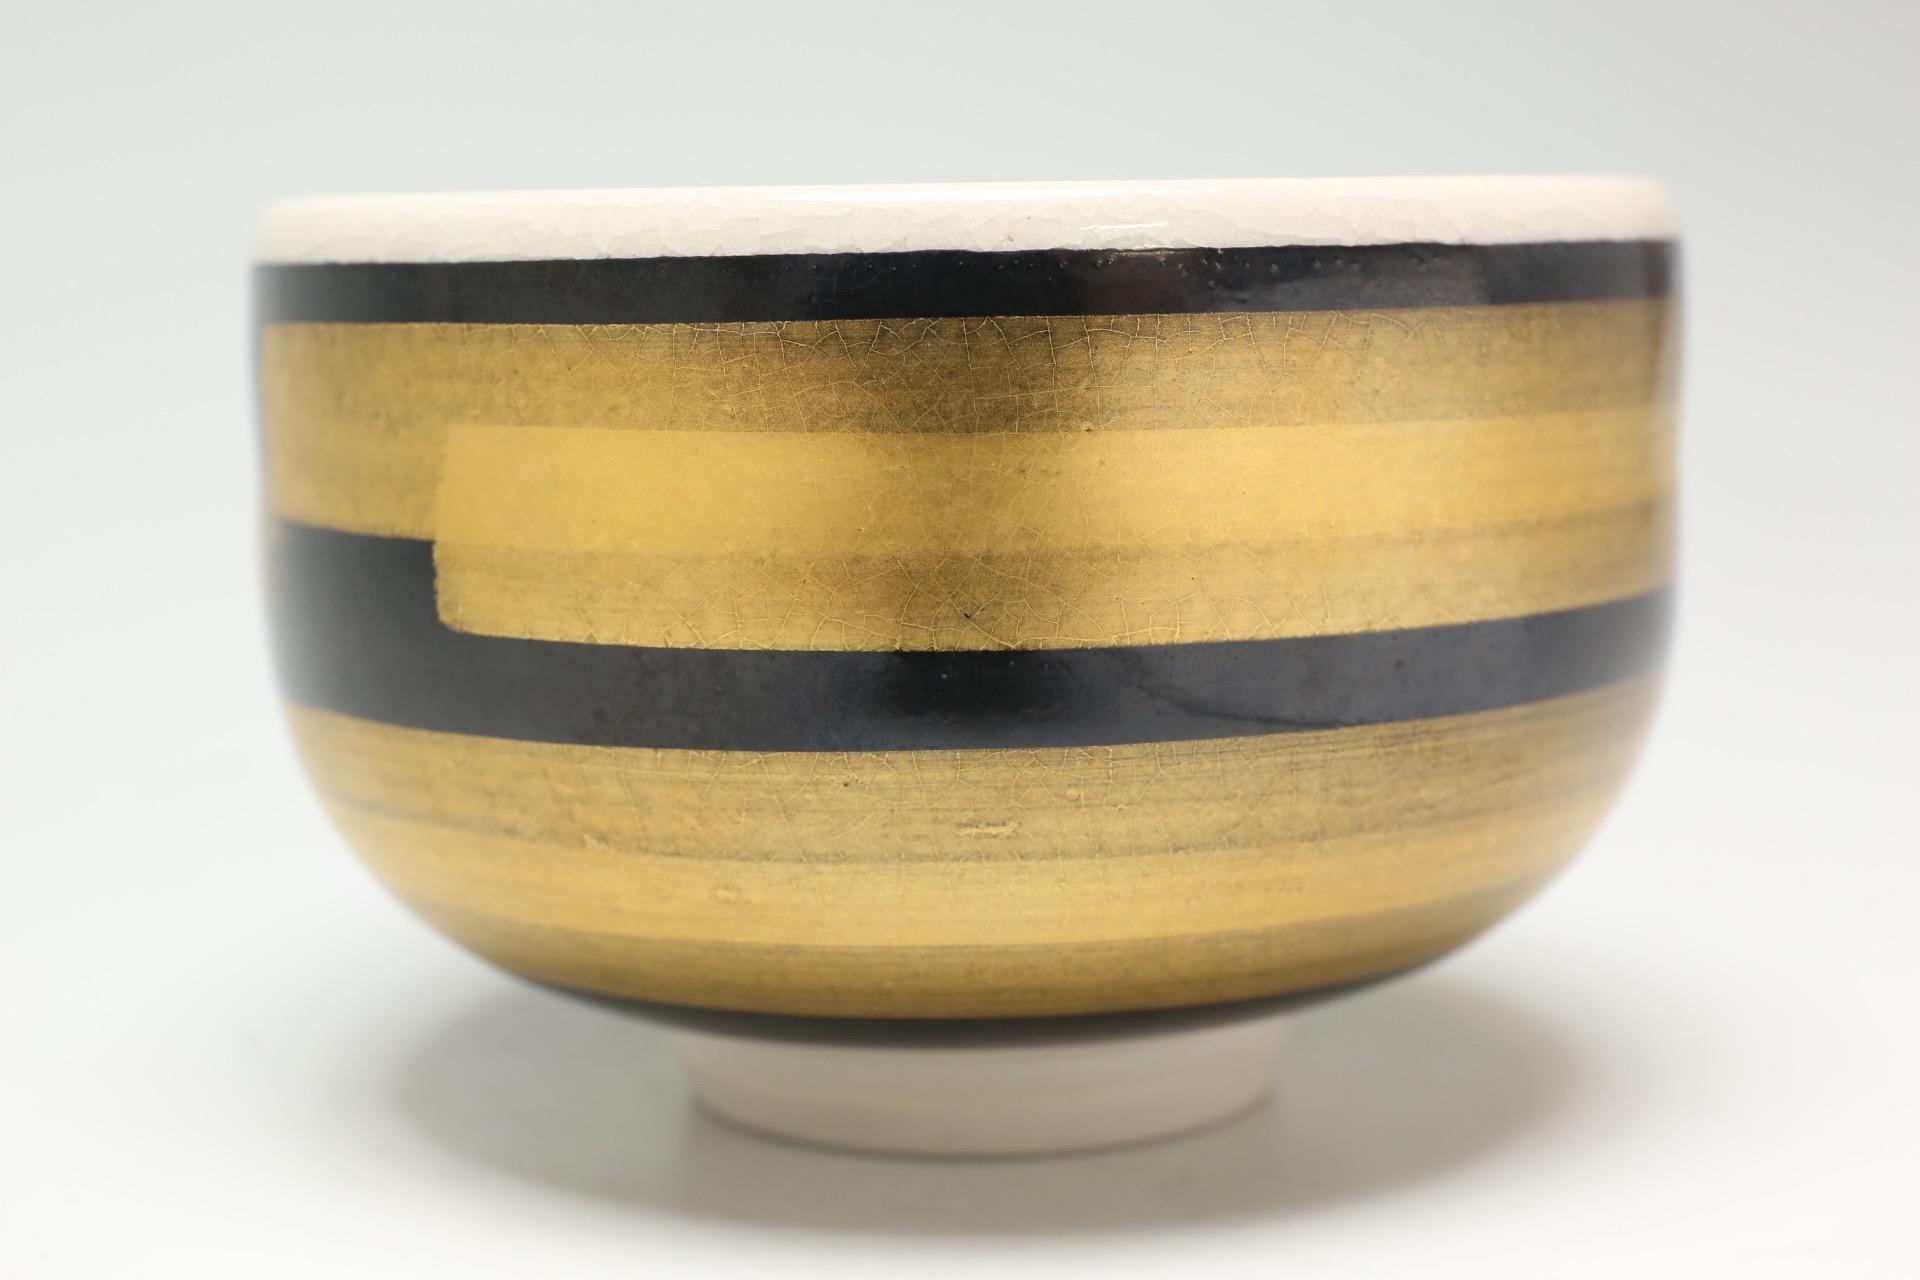 九谷焼 黒地に金彩の茶碗 [2Z-4223]2